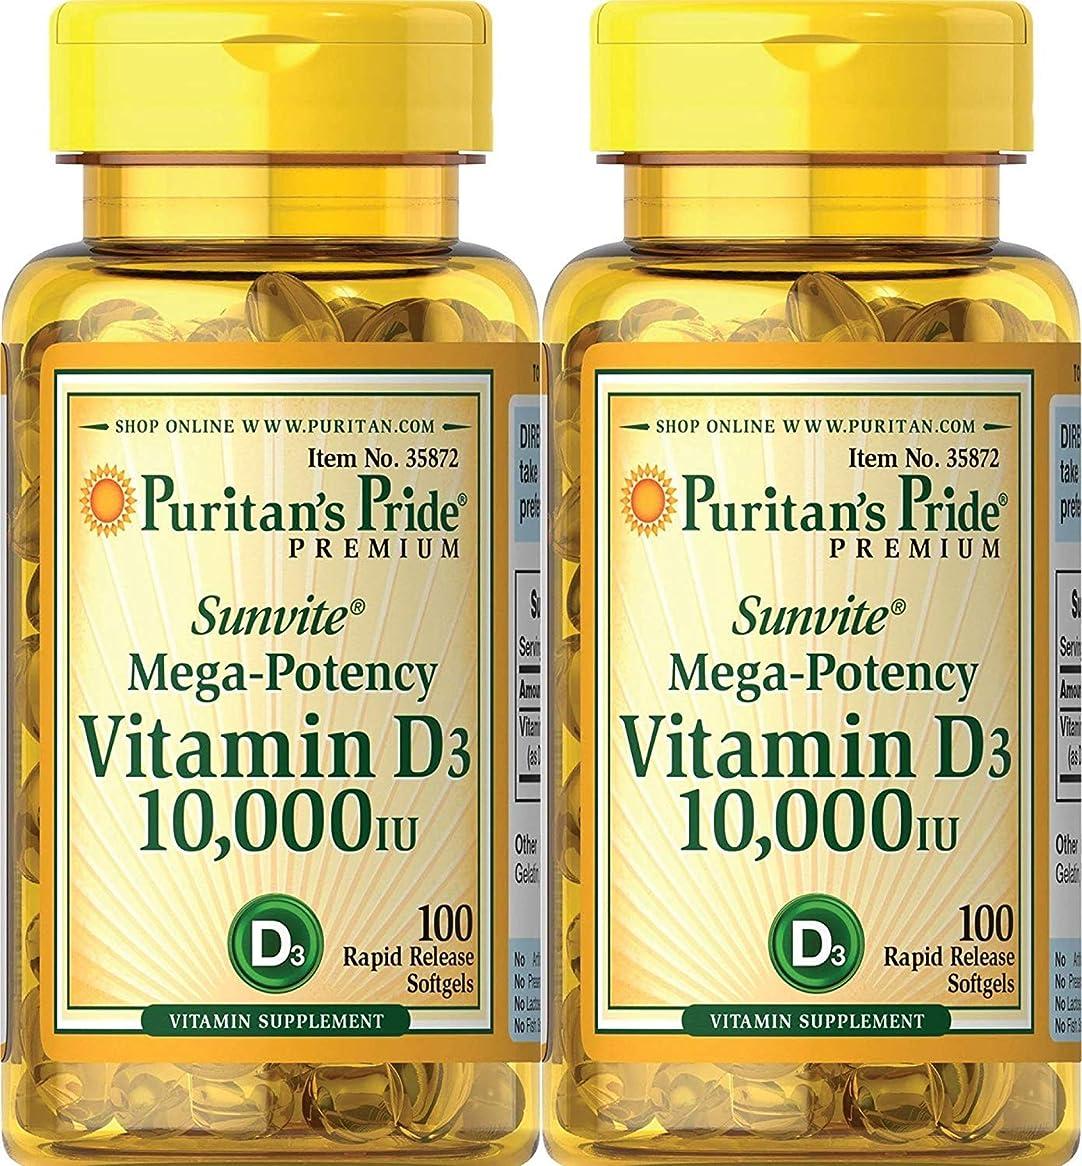 普通のシェード払い戻しピューリタンズプライド(Puritan's Pride) マキシマム ストレングス ビタミンD-3 10000 IU 100ソフトジェル (2)